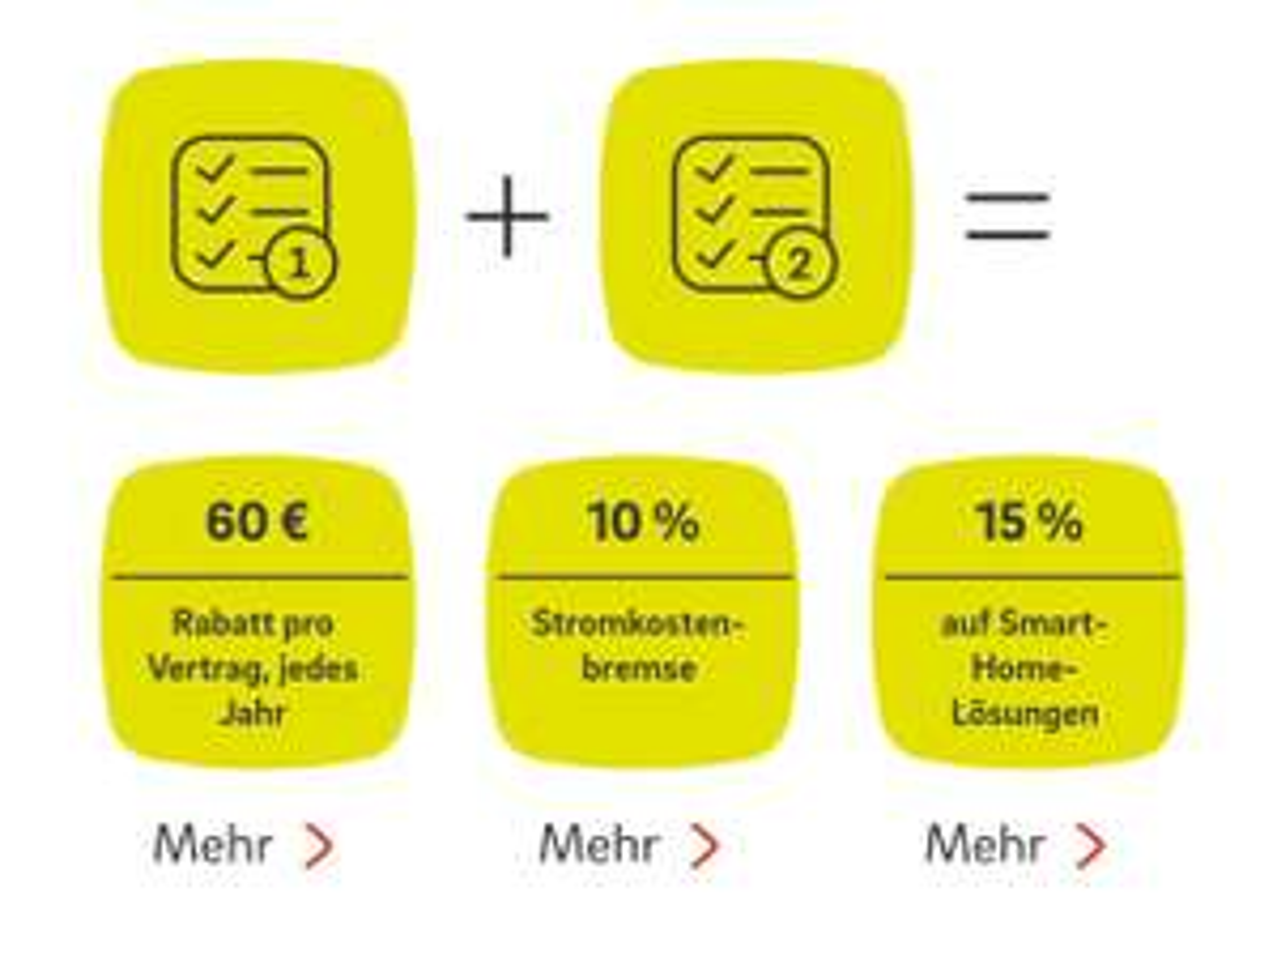 E.on Plus 60€ pro Vertrag jährlich extra sparen beim bündeln von 2 e.on Verträgen